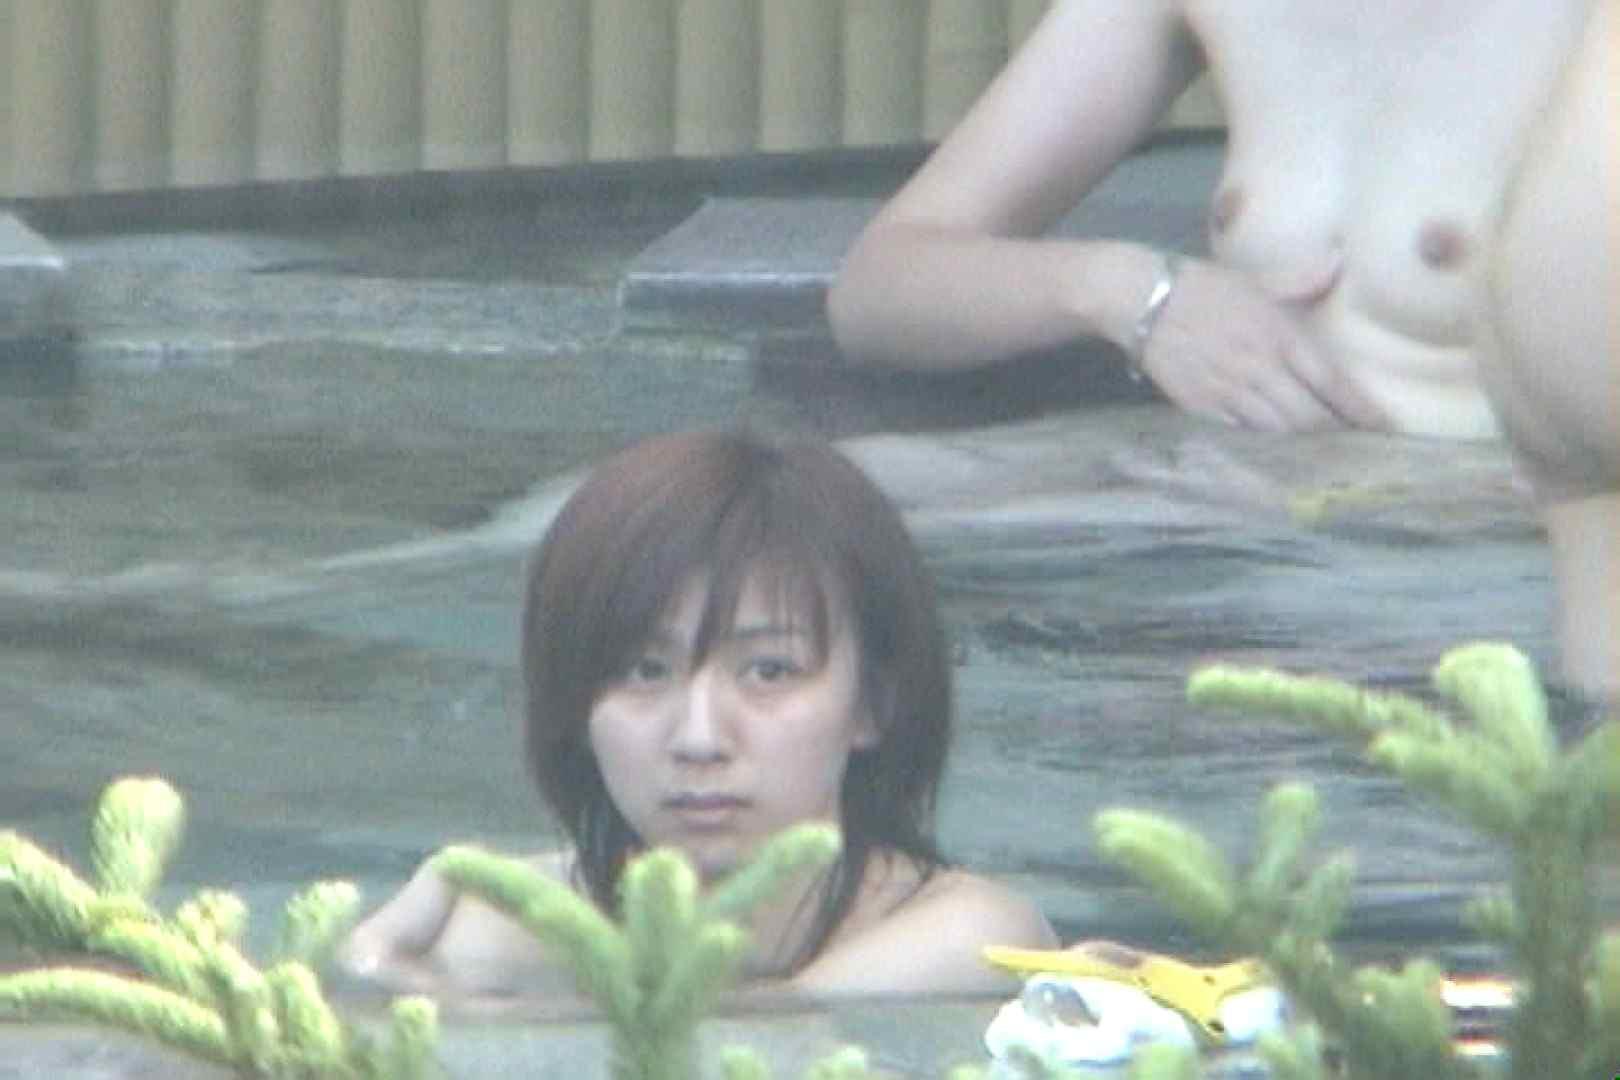 Aquaな露天風呂Vol.77【VIP限定】 美しいOLの裸体  96pic 78